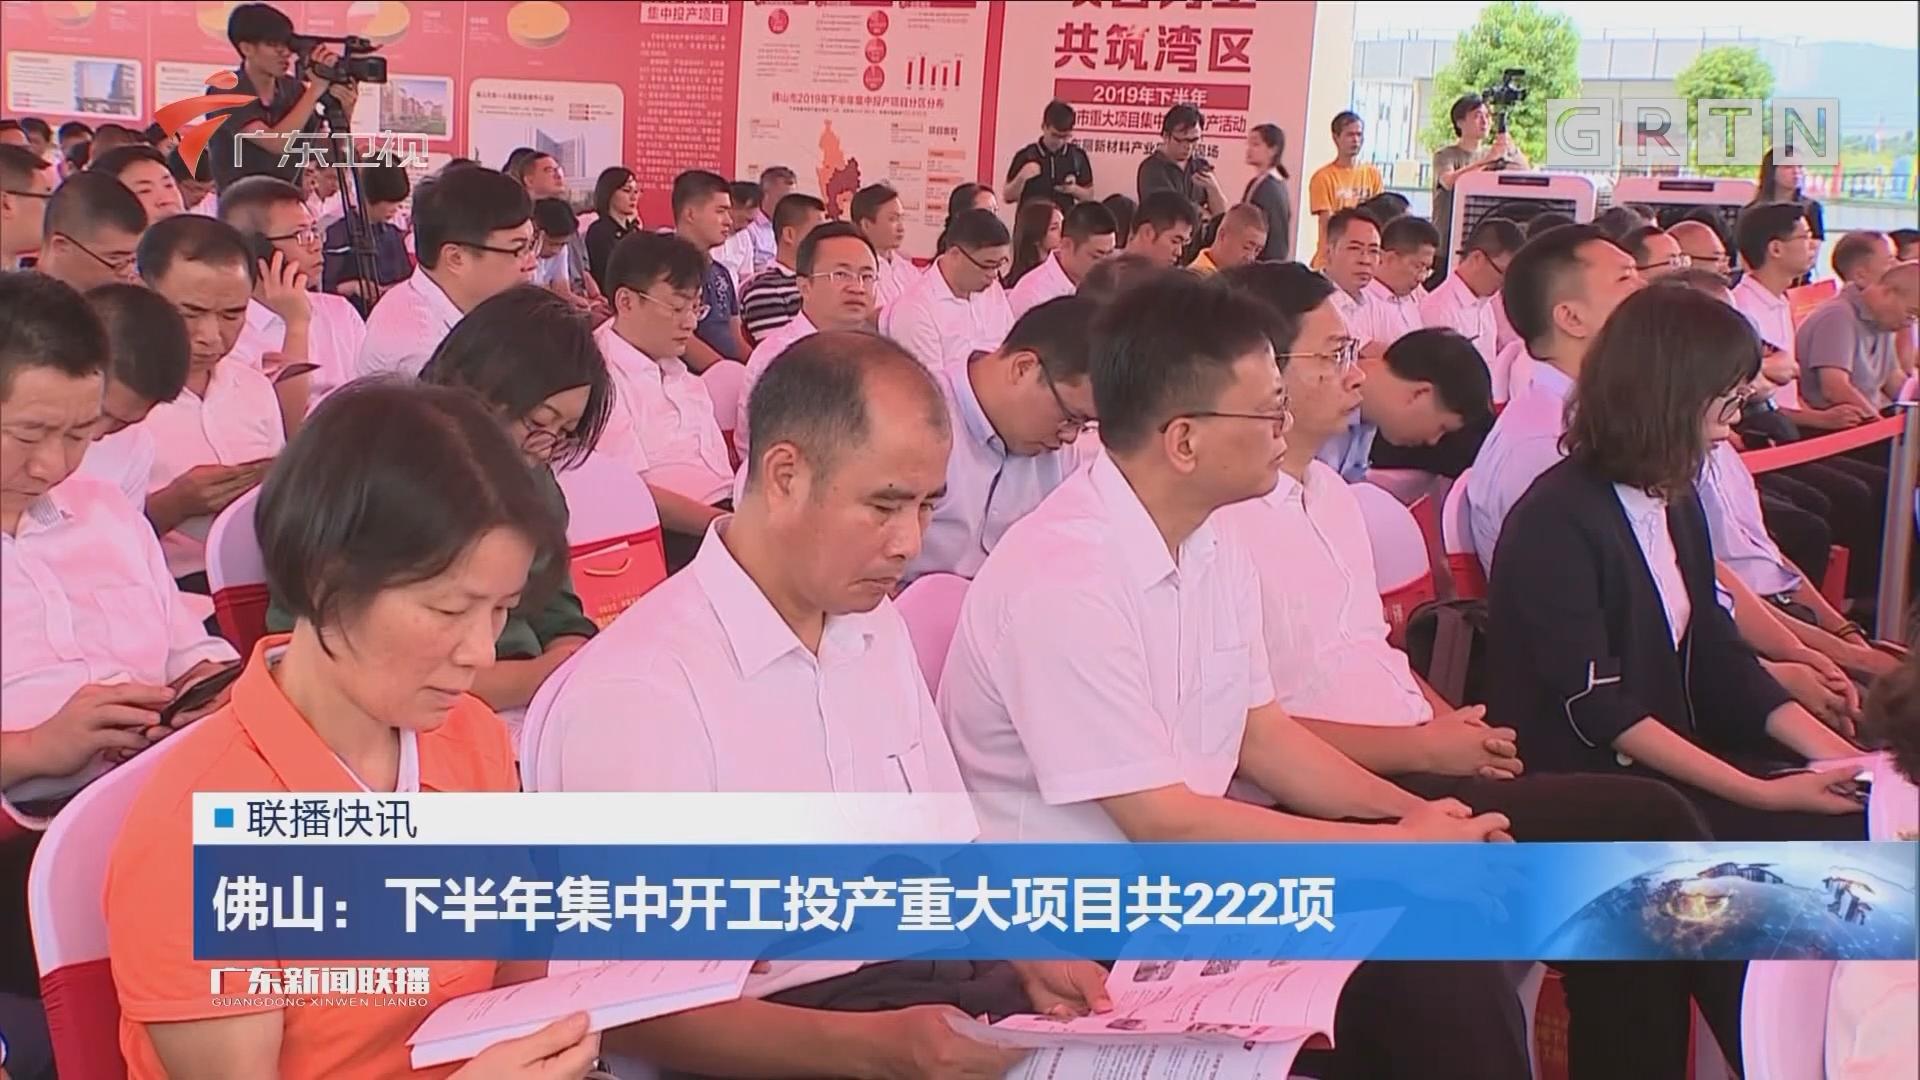 佛山:下半年集中开工投产重大项目共222项